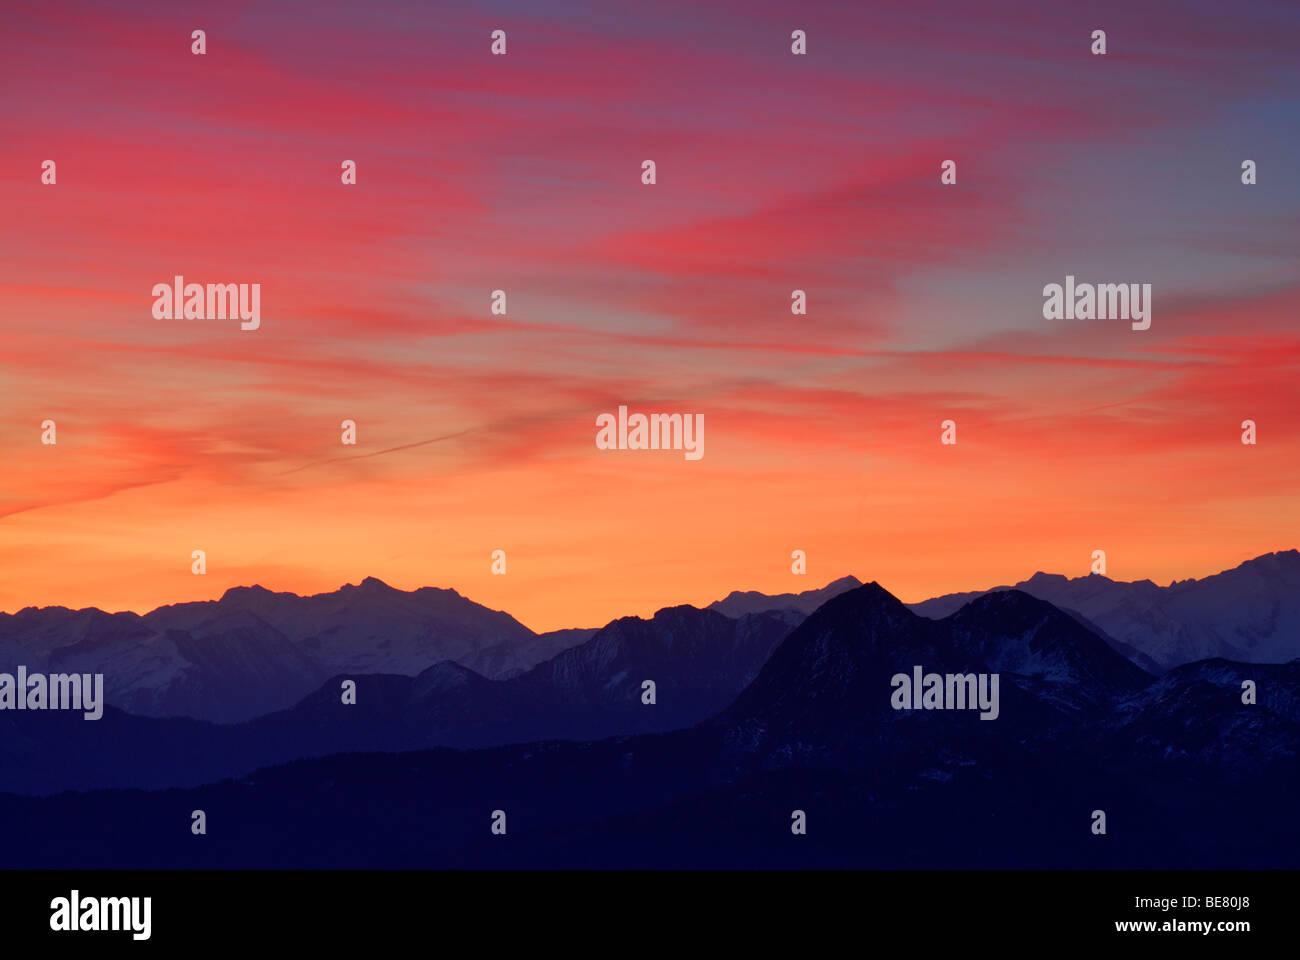 Aurora above Niedere Tauern range, Salzburg, Austria - Stock Image